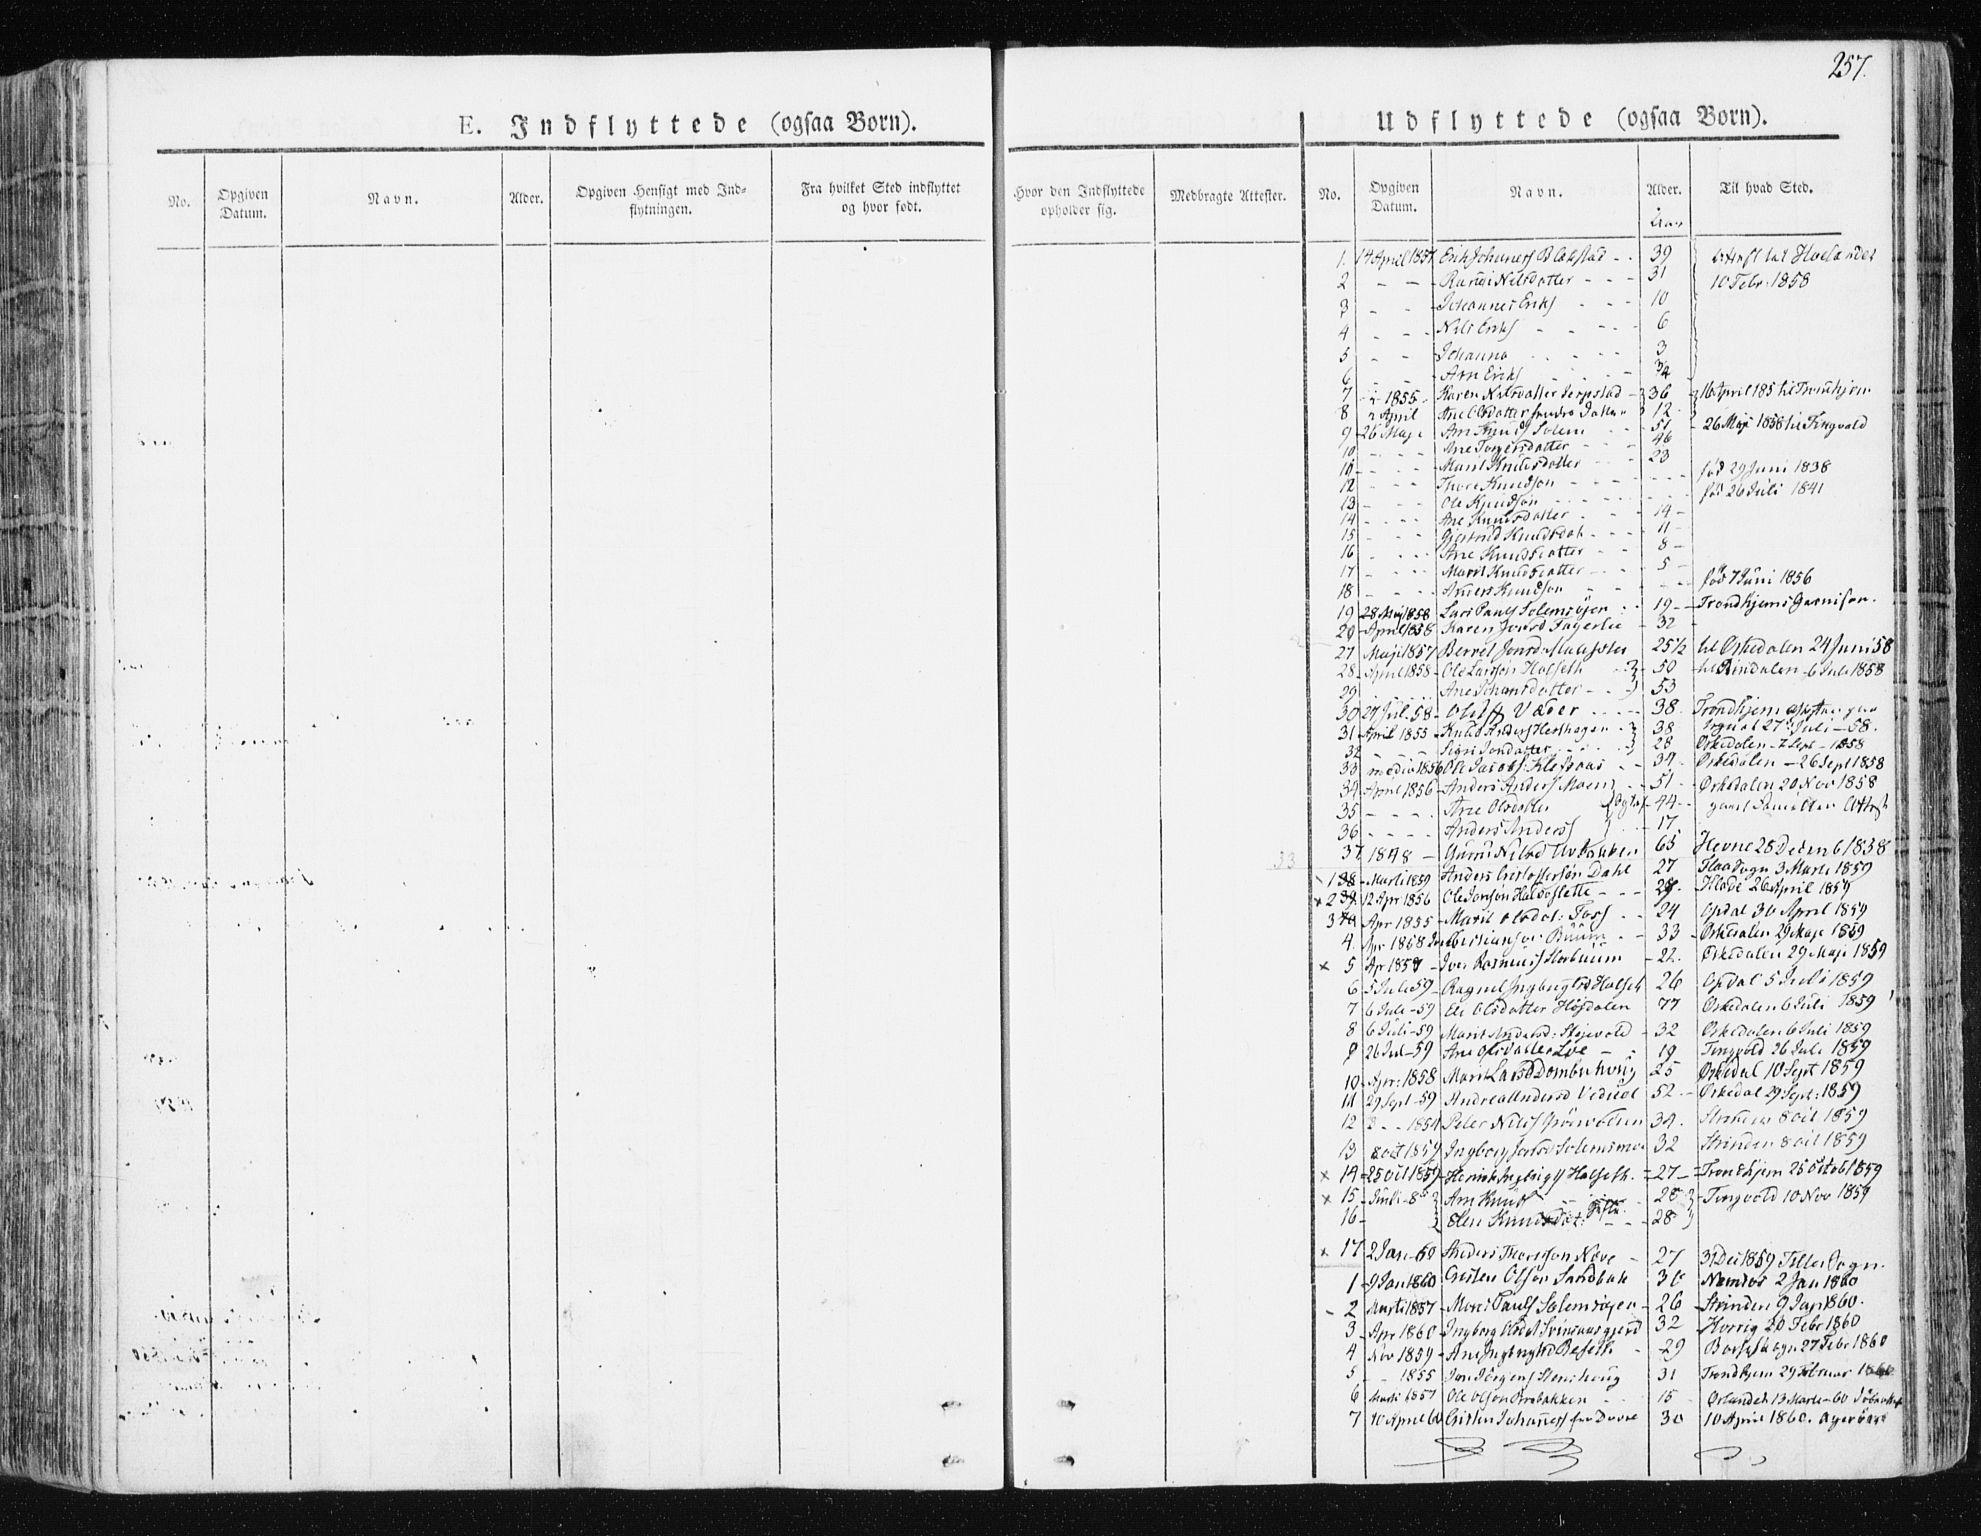 SAT, Ministerialprotokoller, klokkerbøker og fødselsregistre - Sør-Trøndelag, 672/L0855: Ministerialbok nr. 672A07, 1829-1860, s. 257